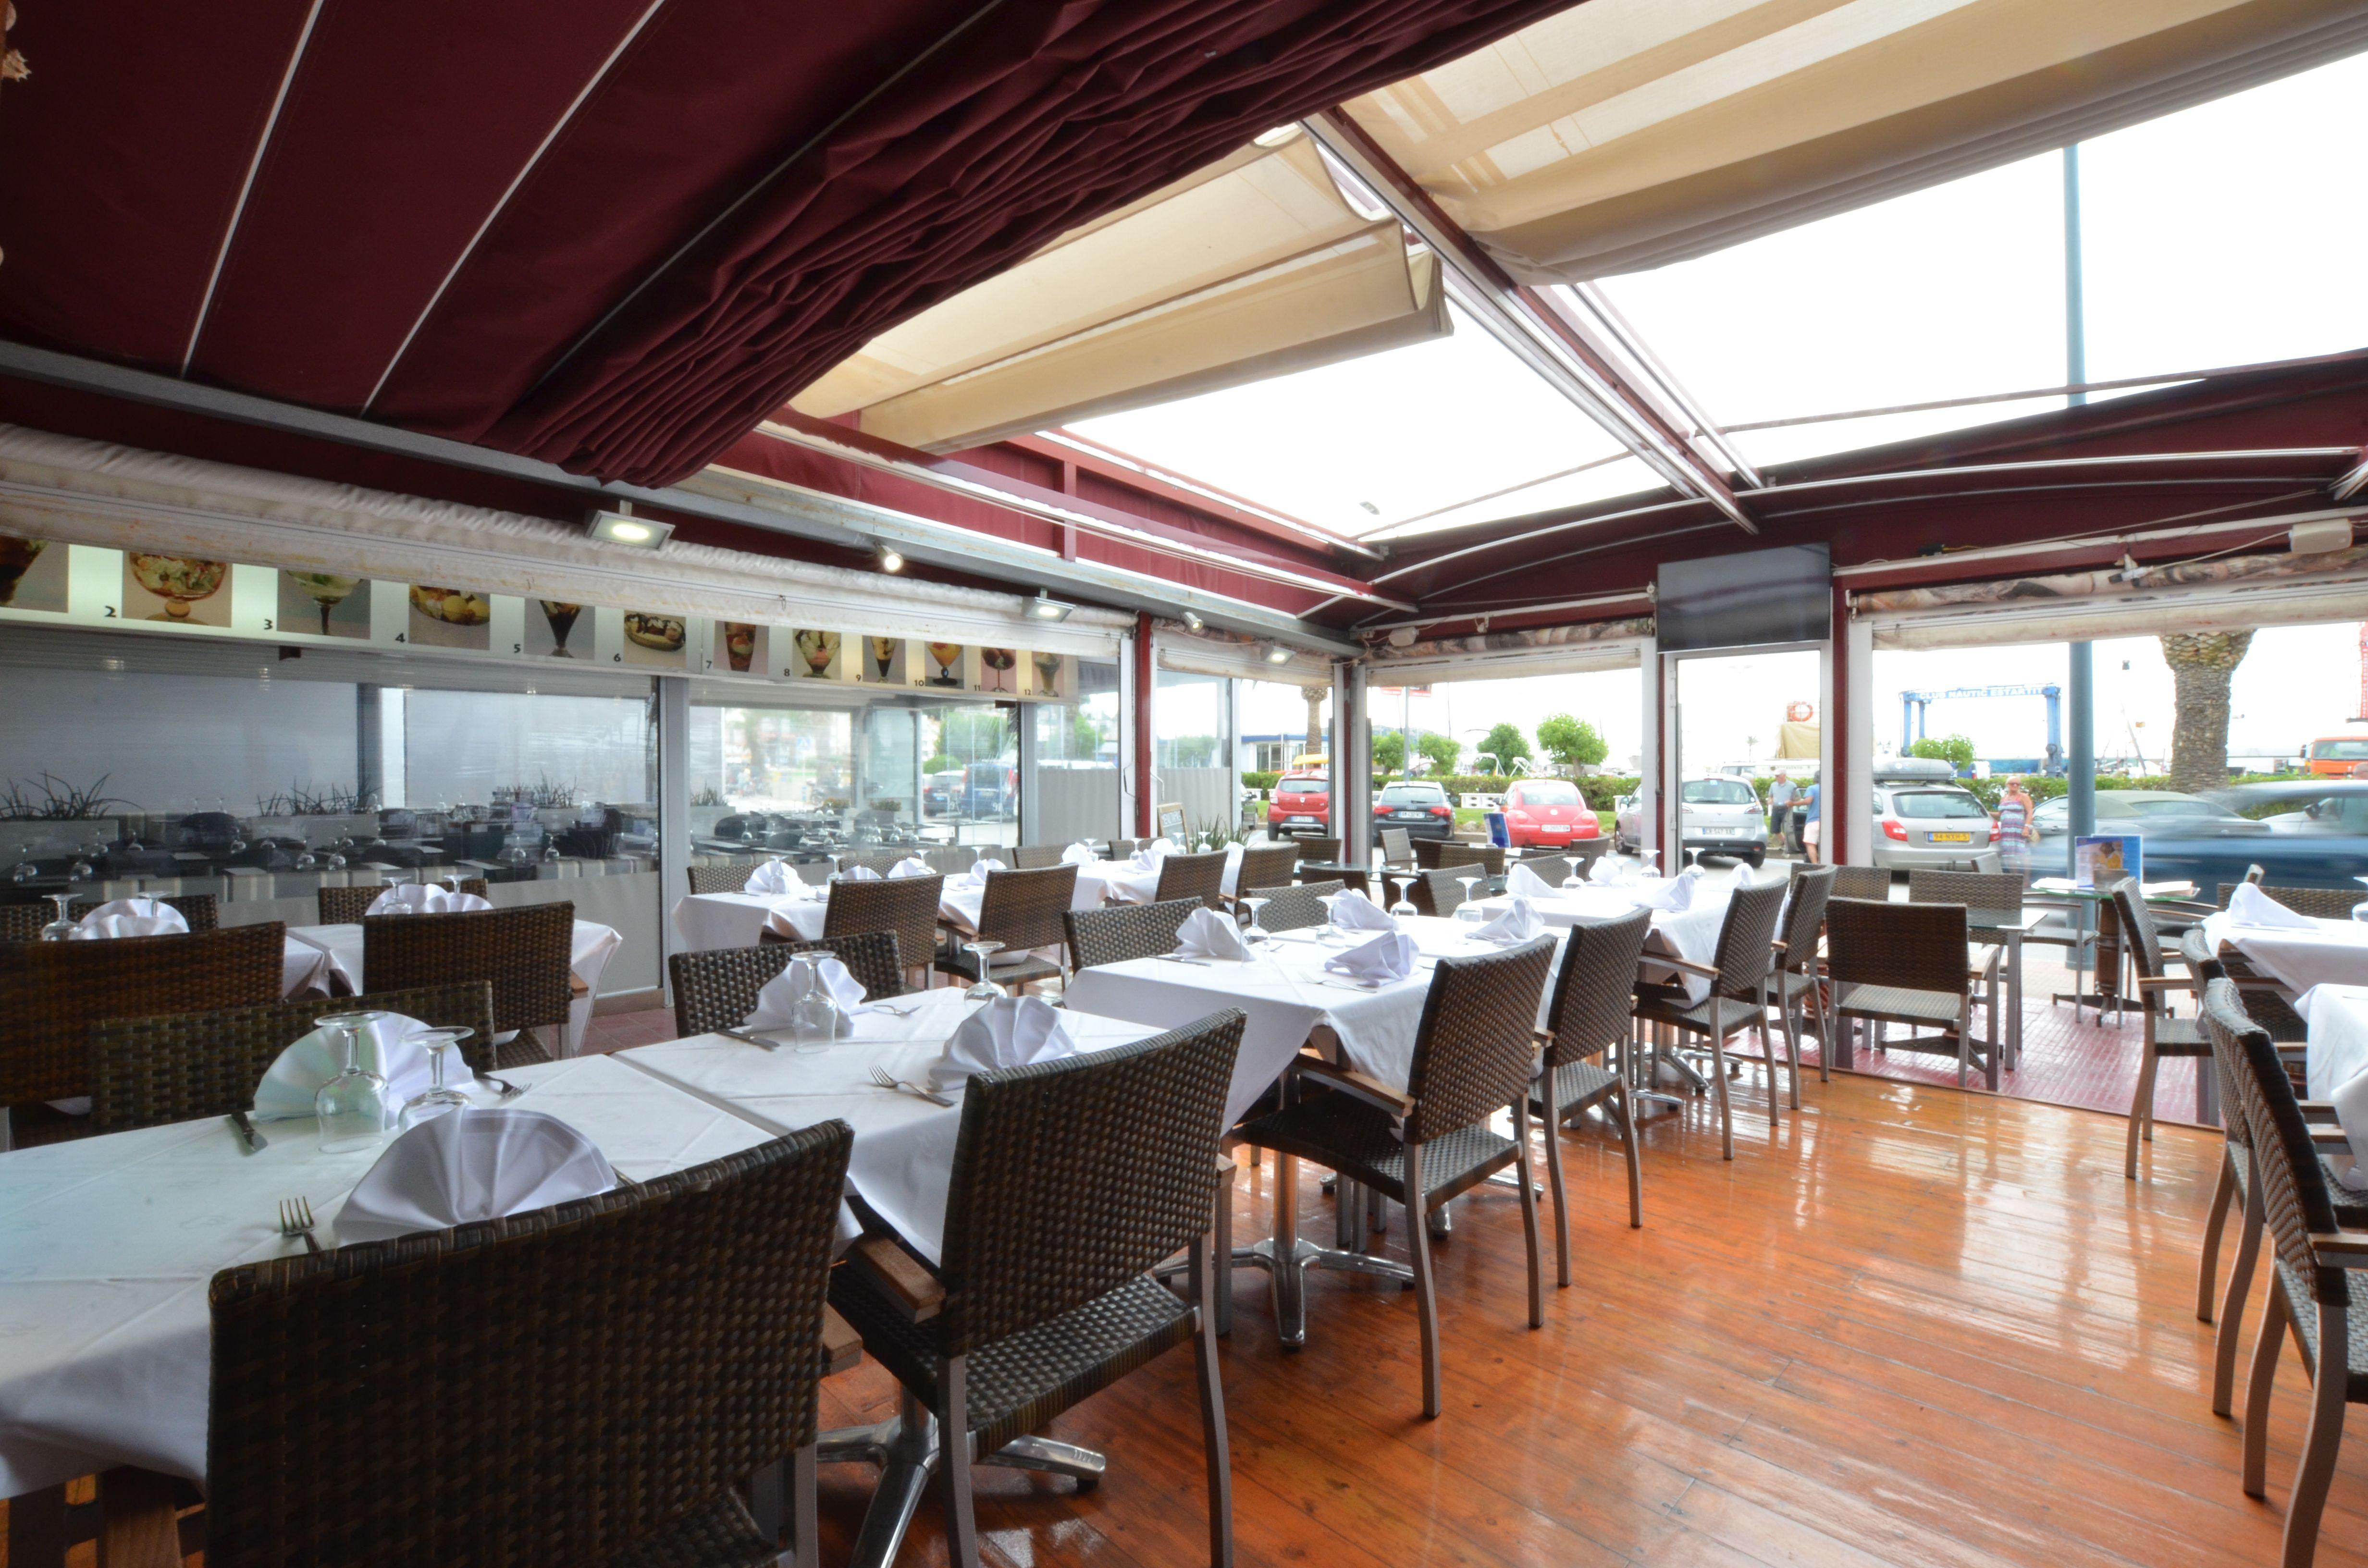 Foto 6 de Restaurante en Torroella de Montgrí | Restaurant Rosamar